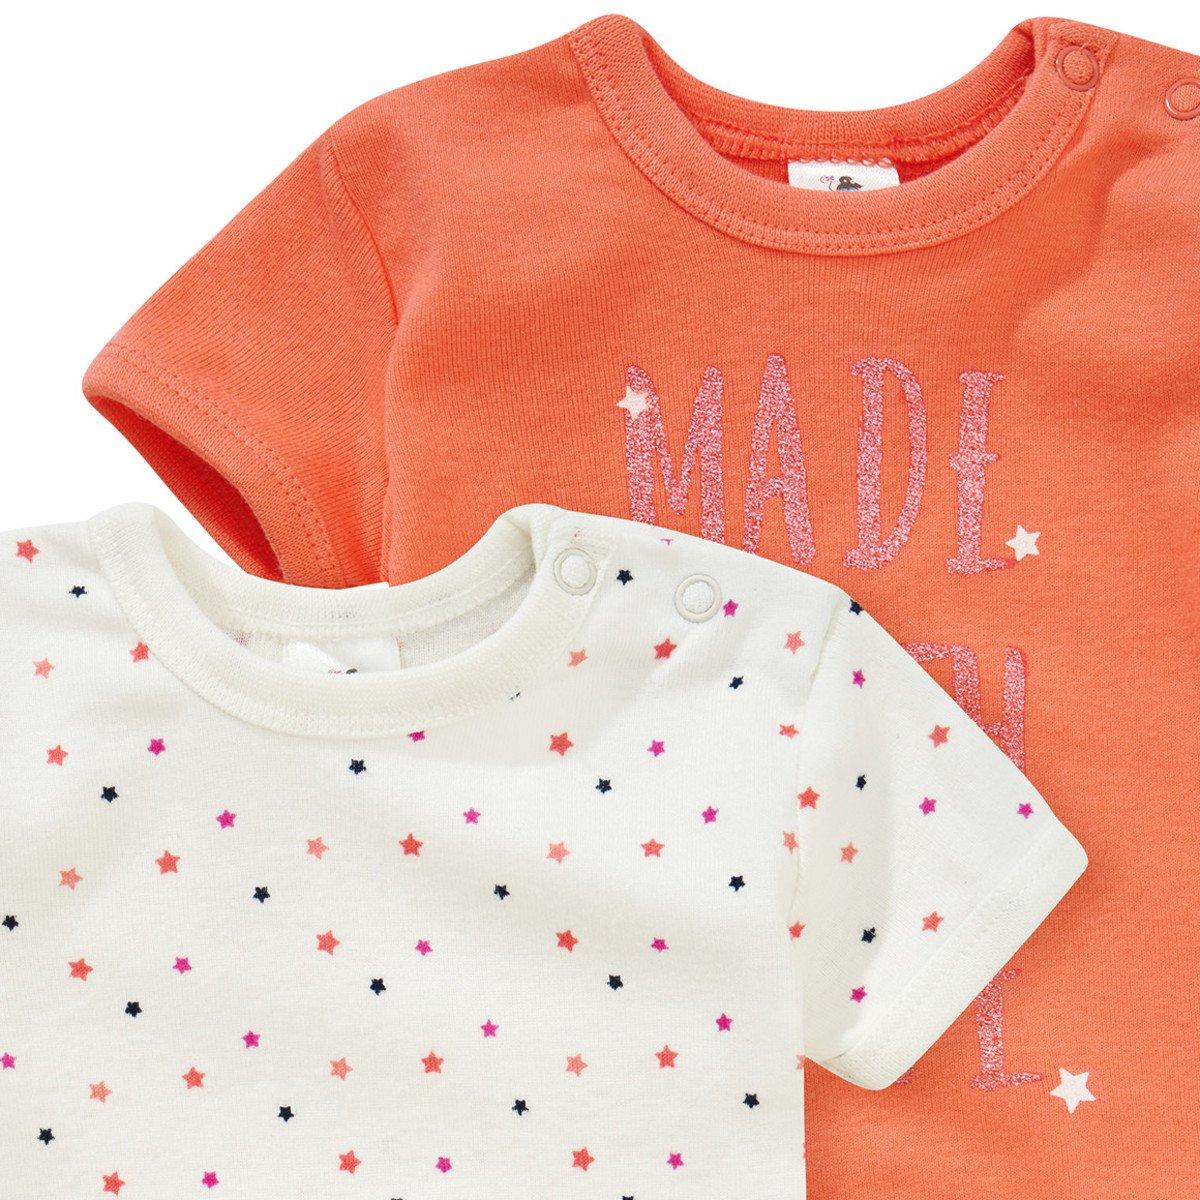 Bild 2 von 2 Baby Bodys in verschiedenen Designs